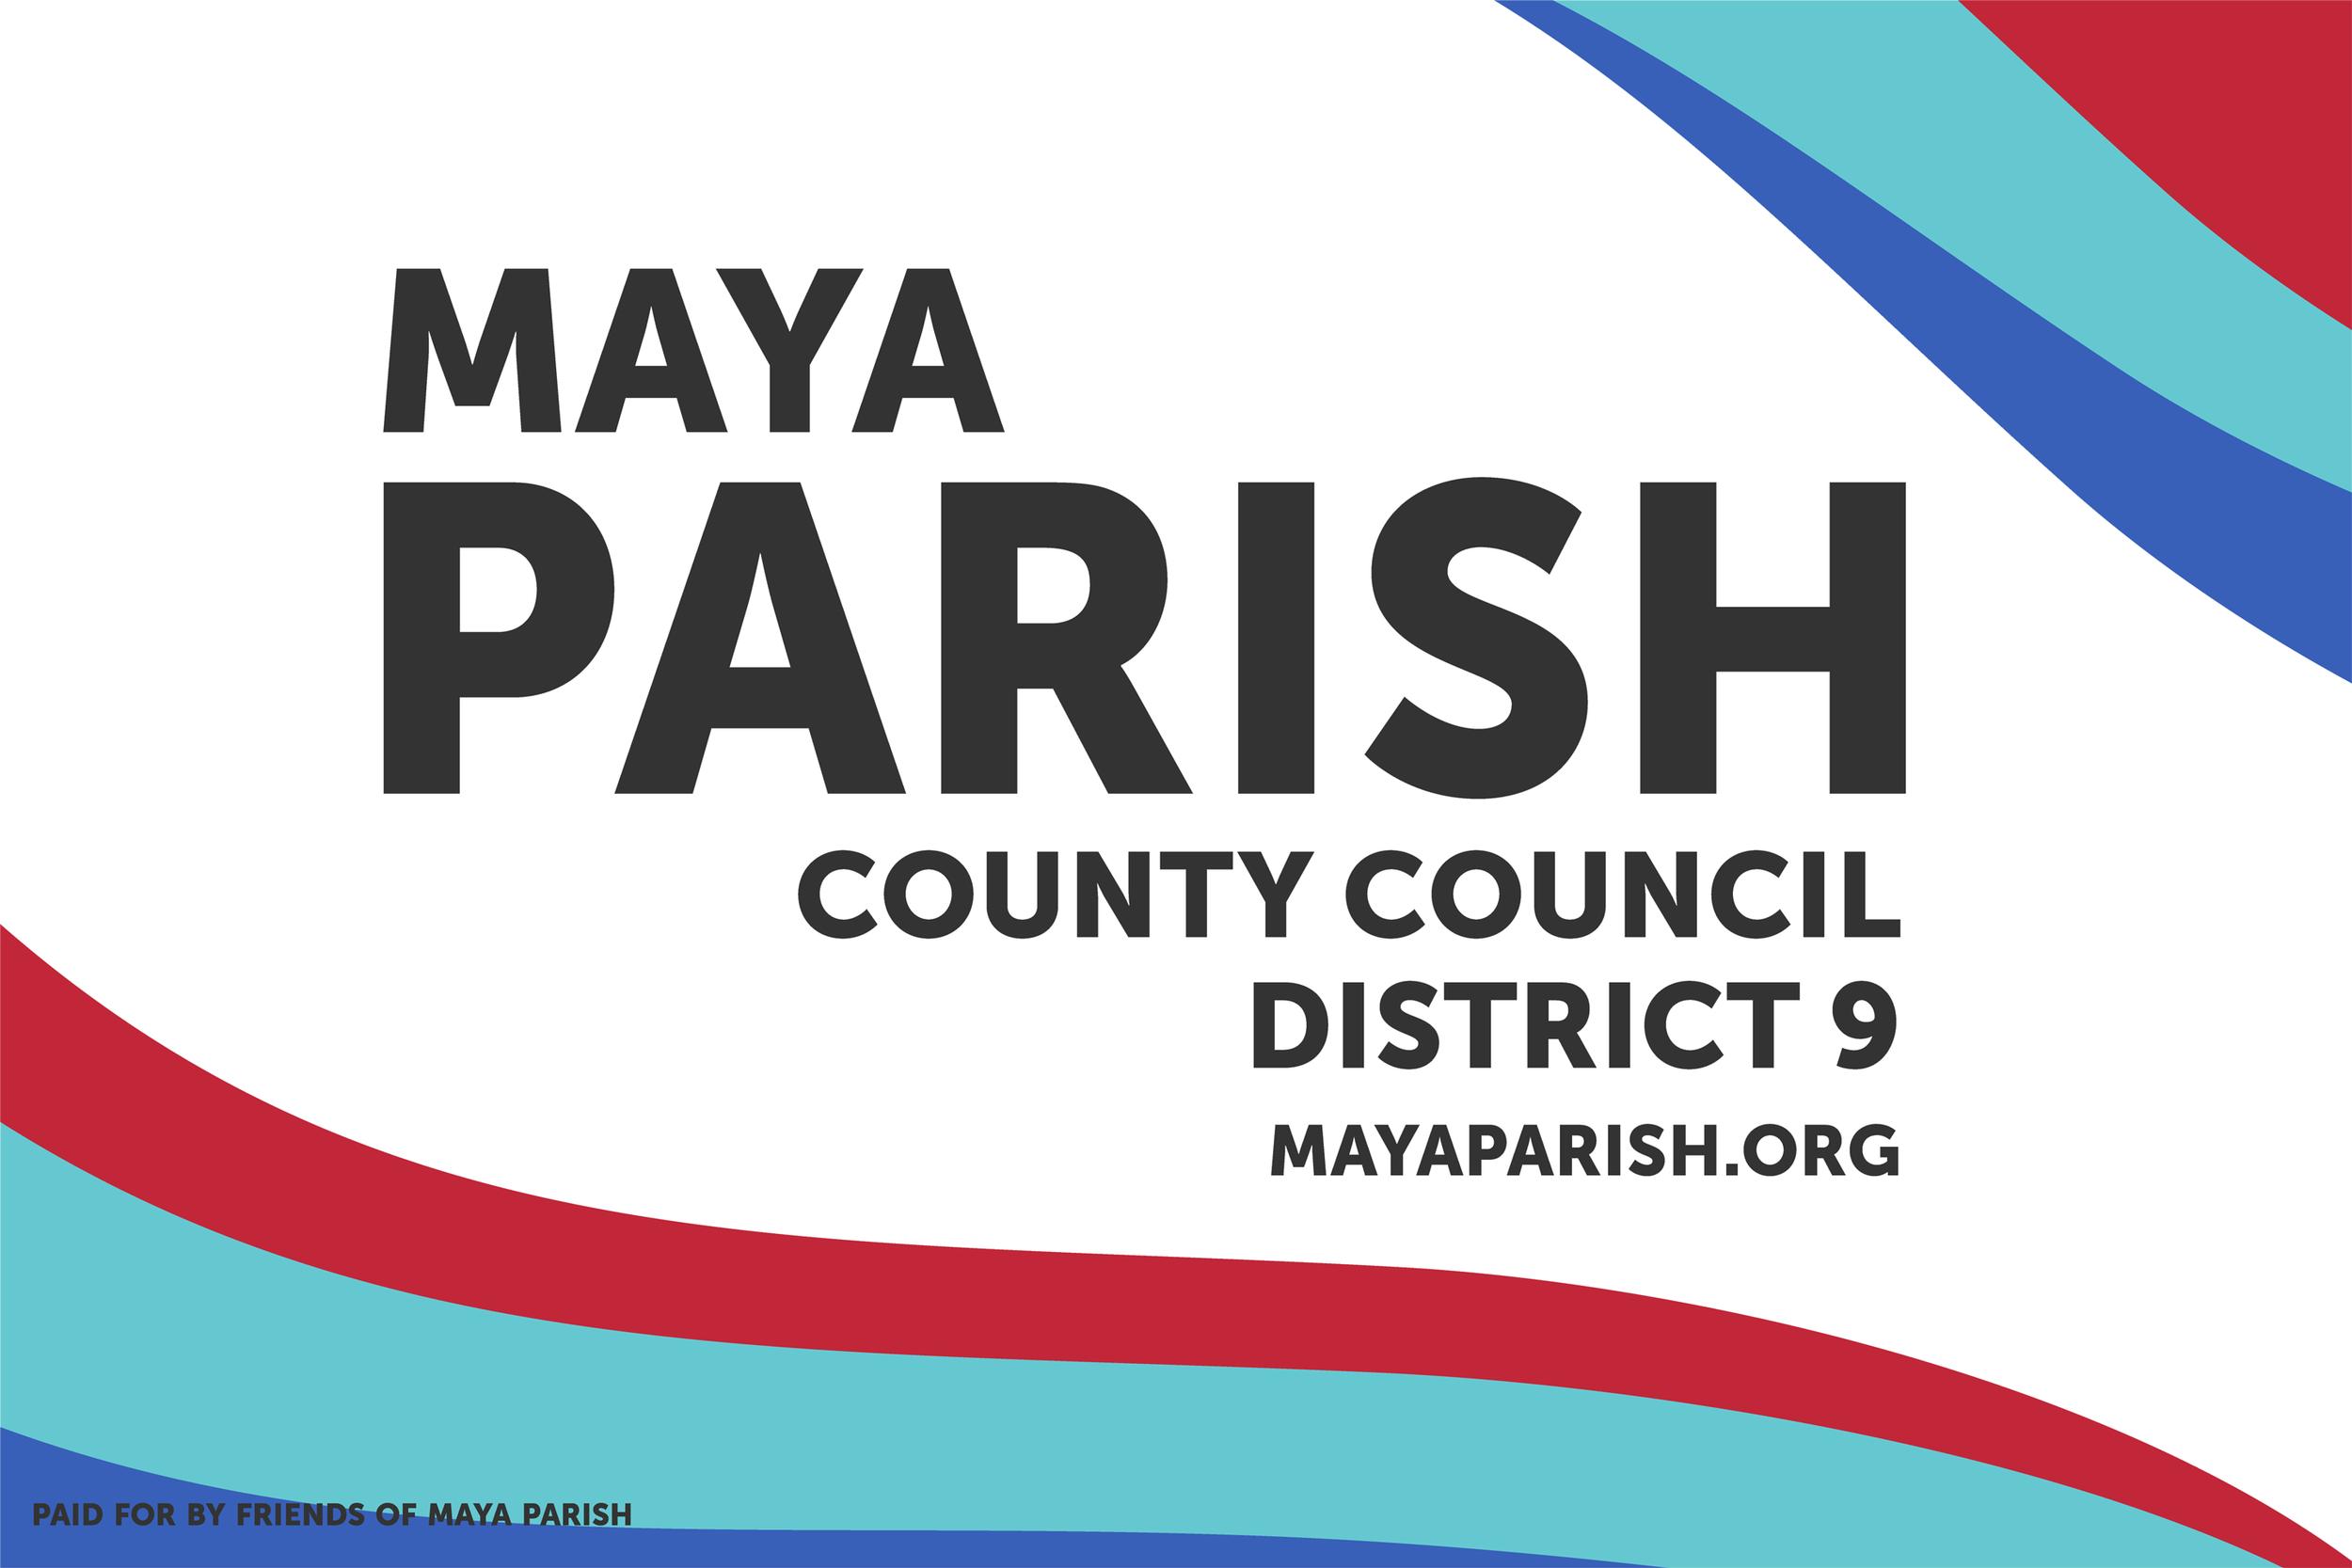 Maya Parish for County Council